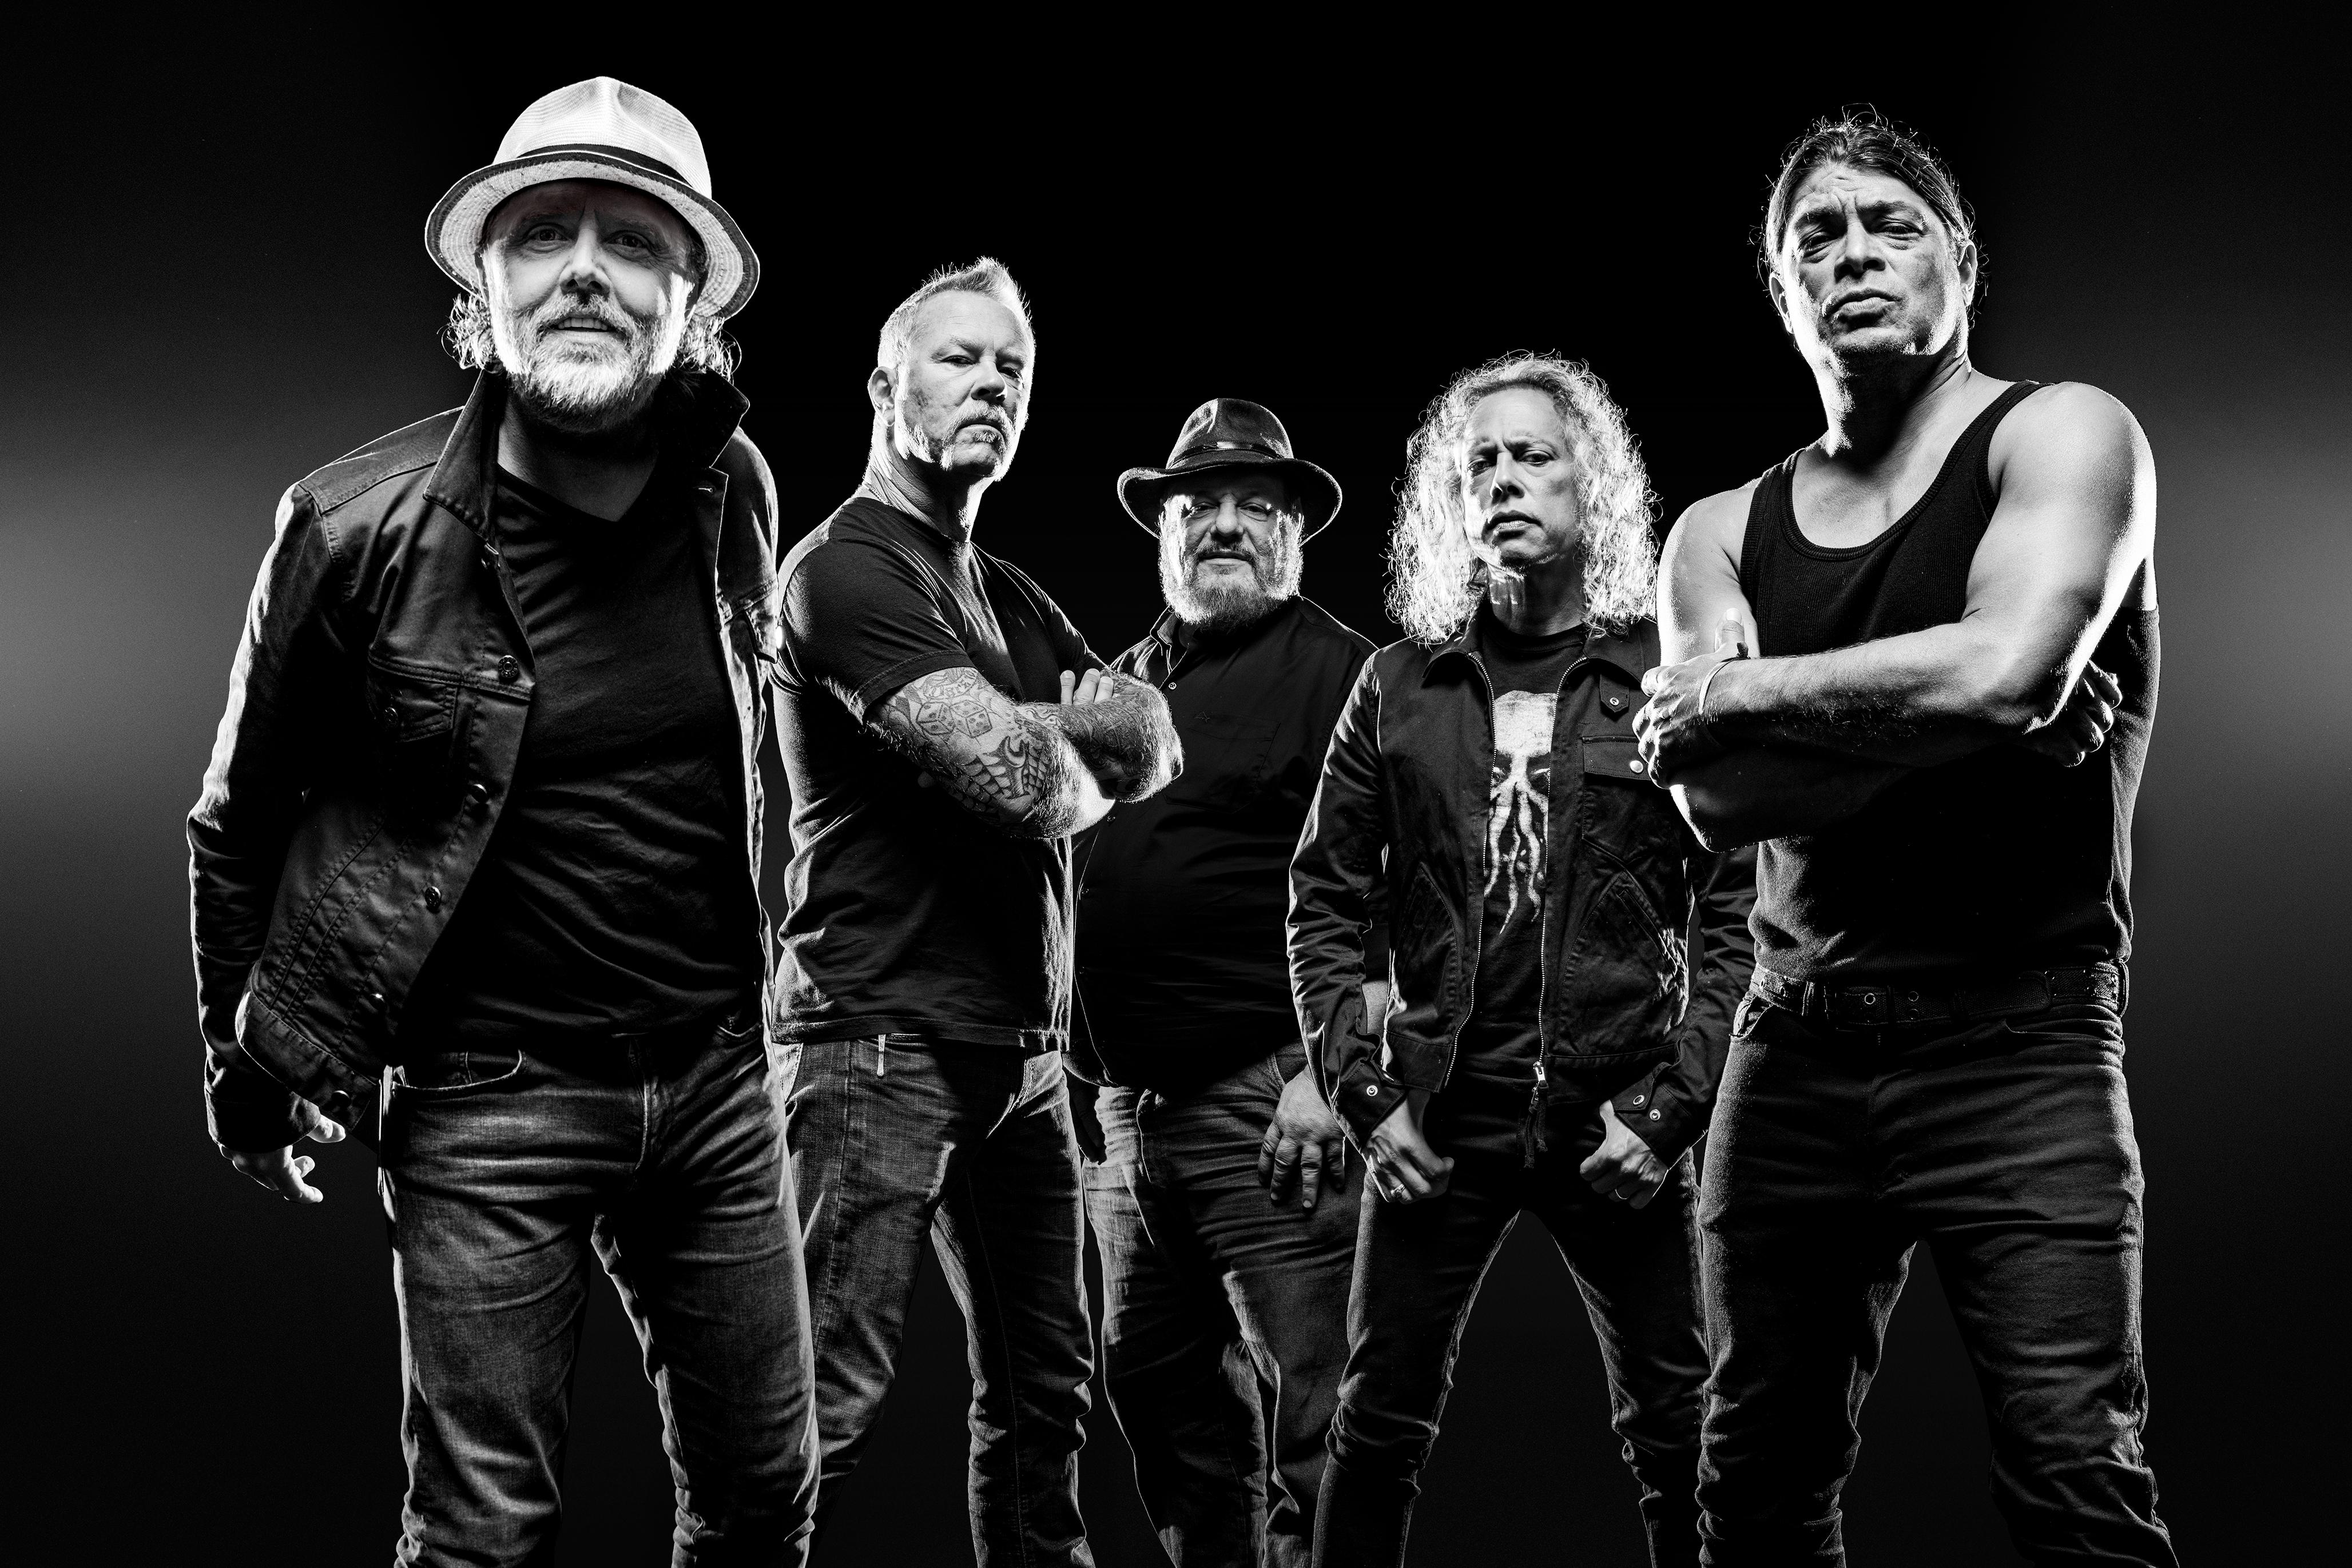 foto: 1 - Metallica lança quebra-cabeça de capas de discos e Korn clipe novo